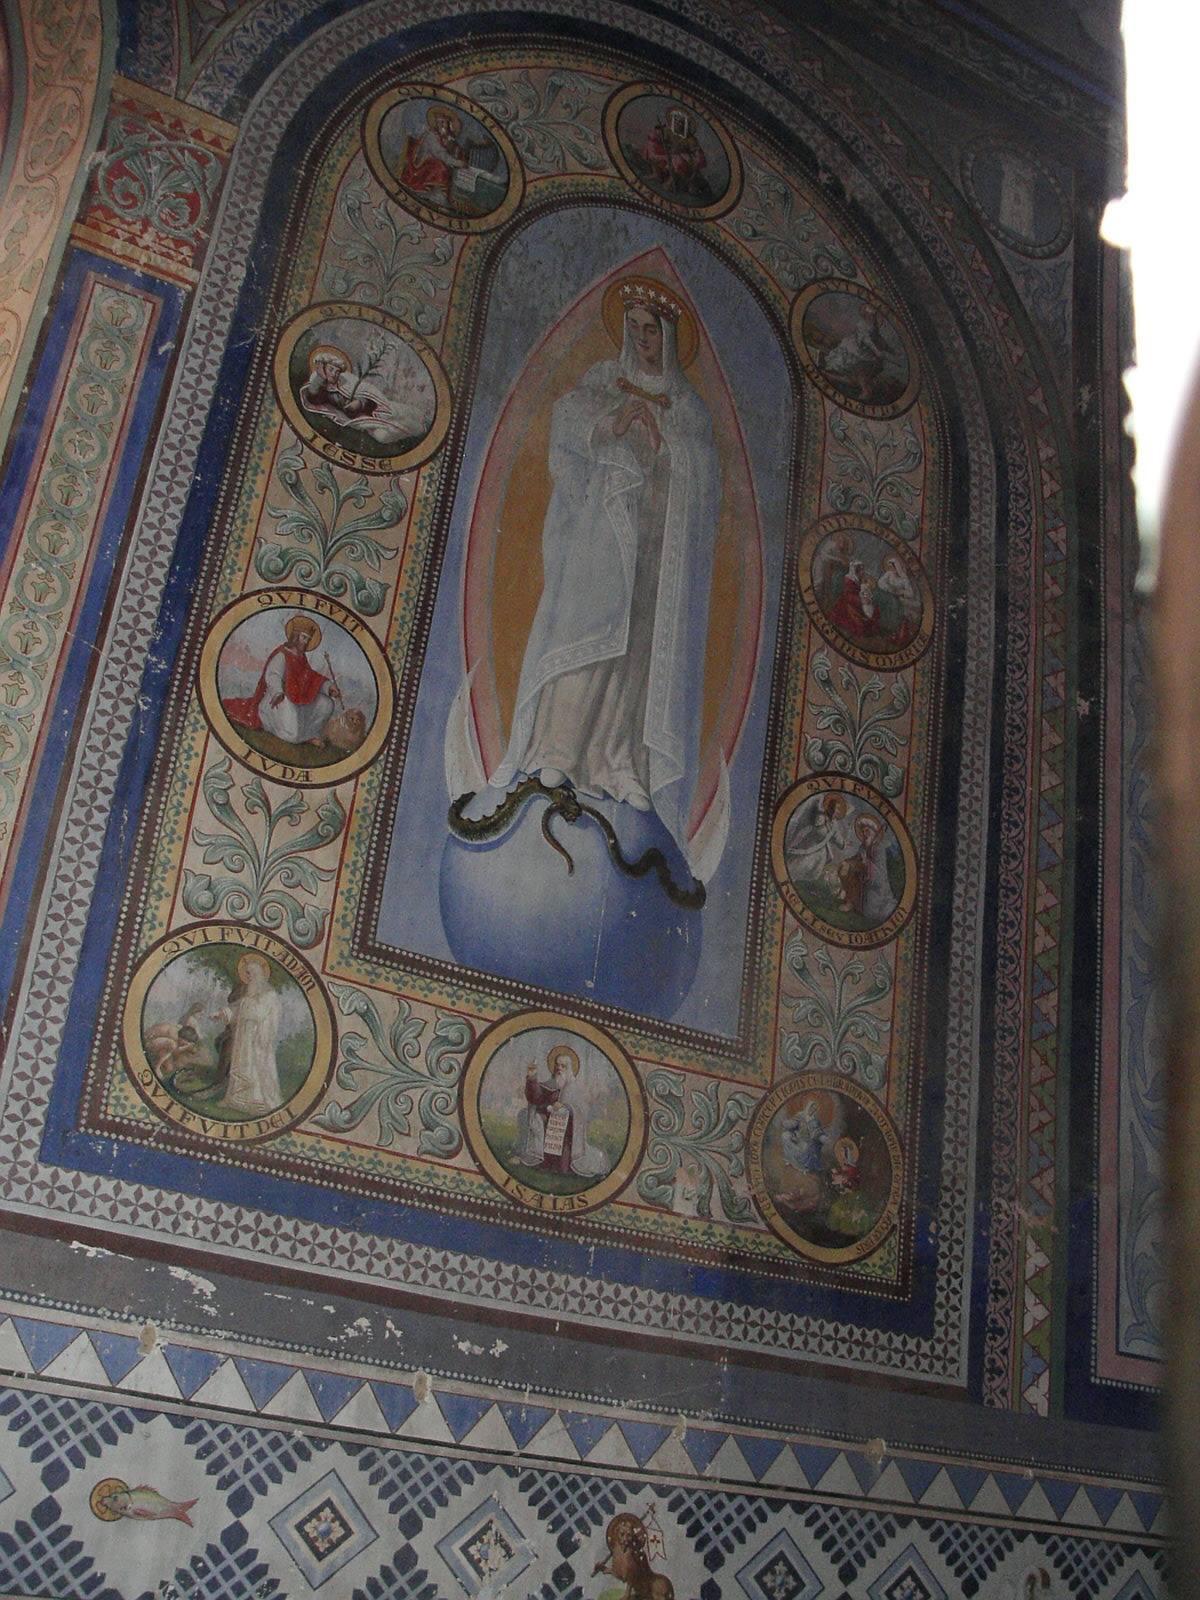 Saint Michel de Chavaignes en 2005 - Eglise Saint Michel 27 (Menu Christophe dit Tahiti)